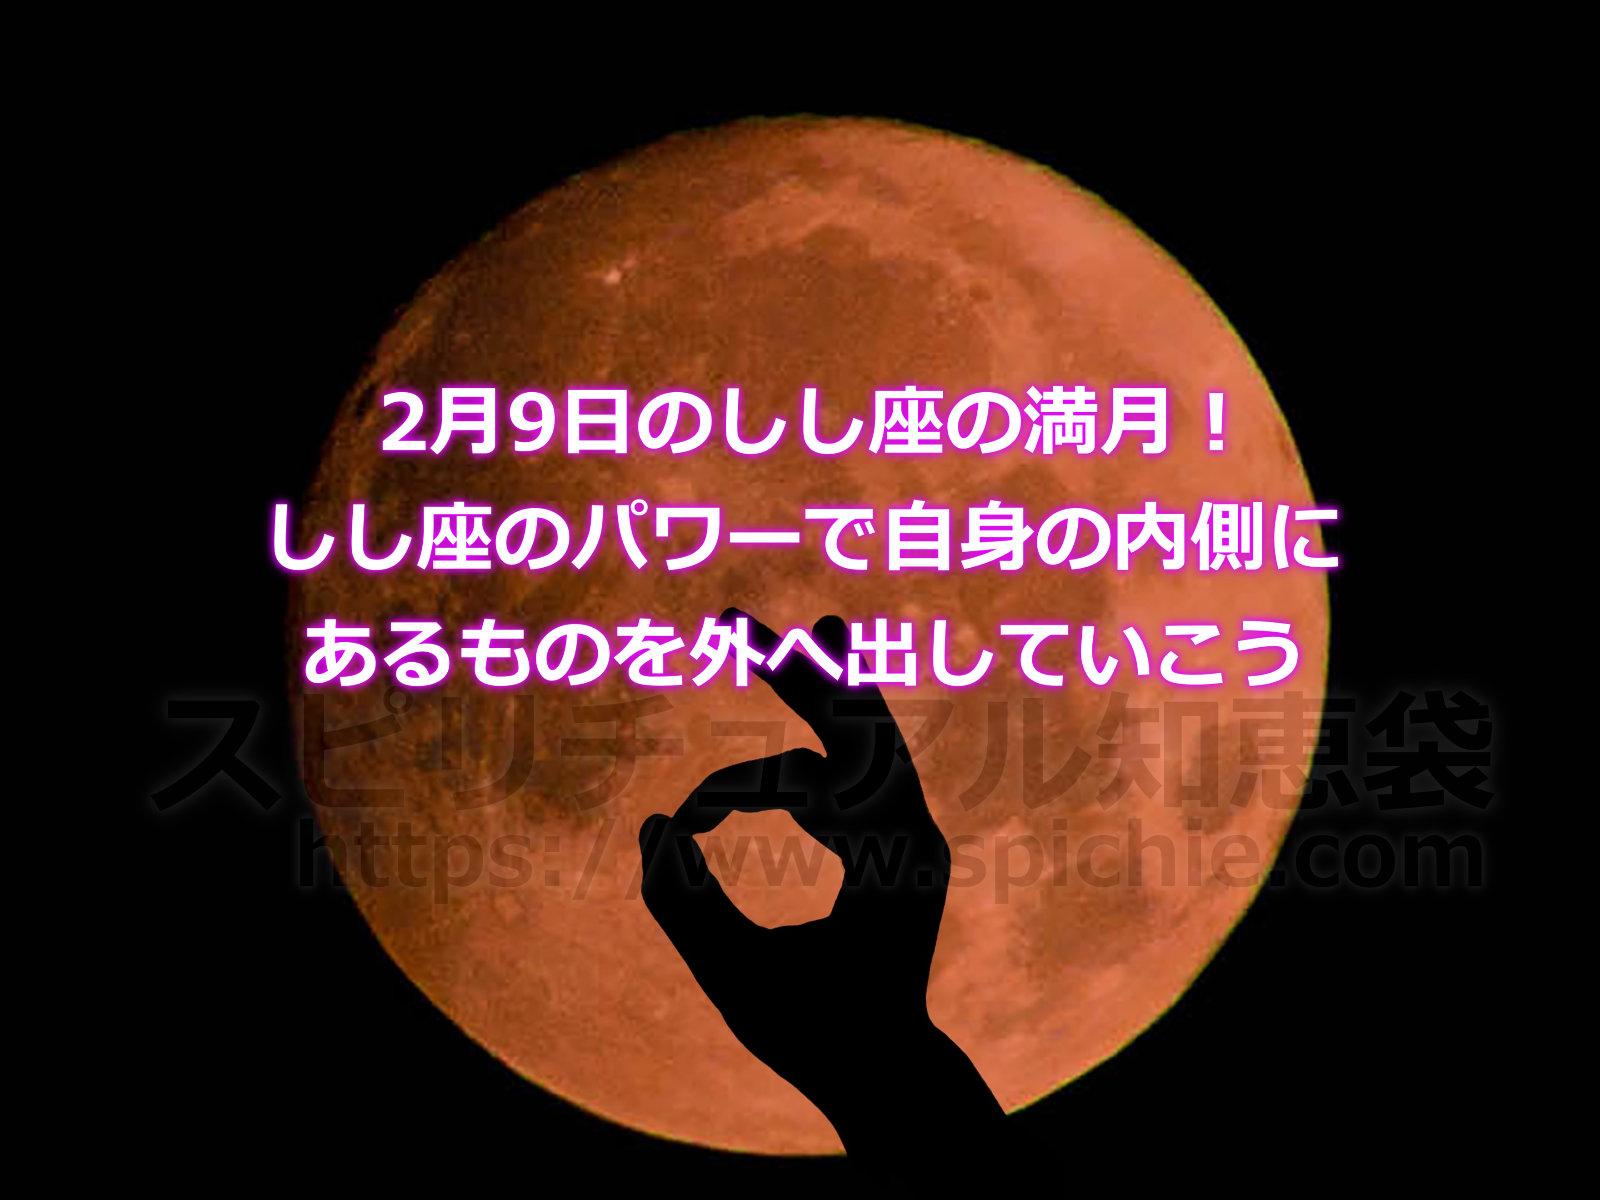 2月9日のしし座の満月!しし座のパワーで自身の内側にあるものを外へ出していこうのアイキャッチ画像